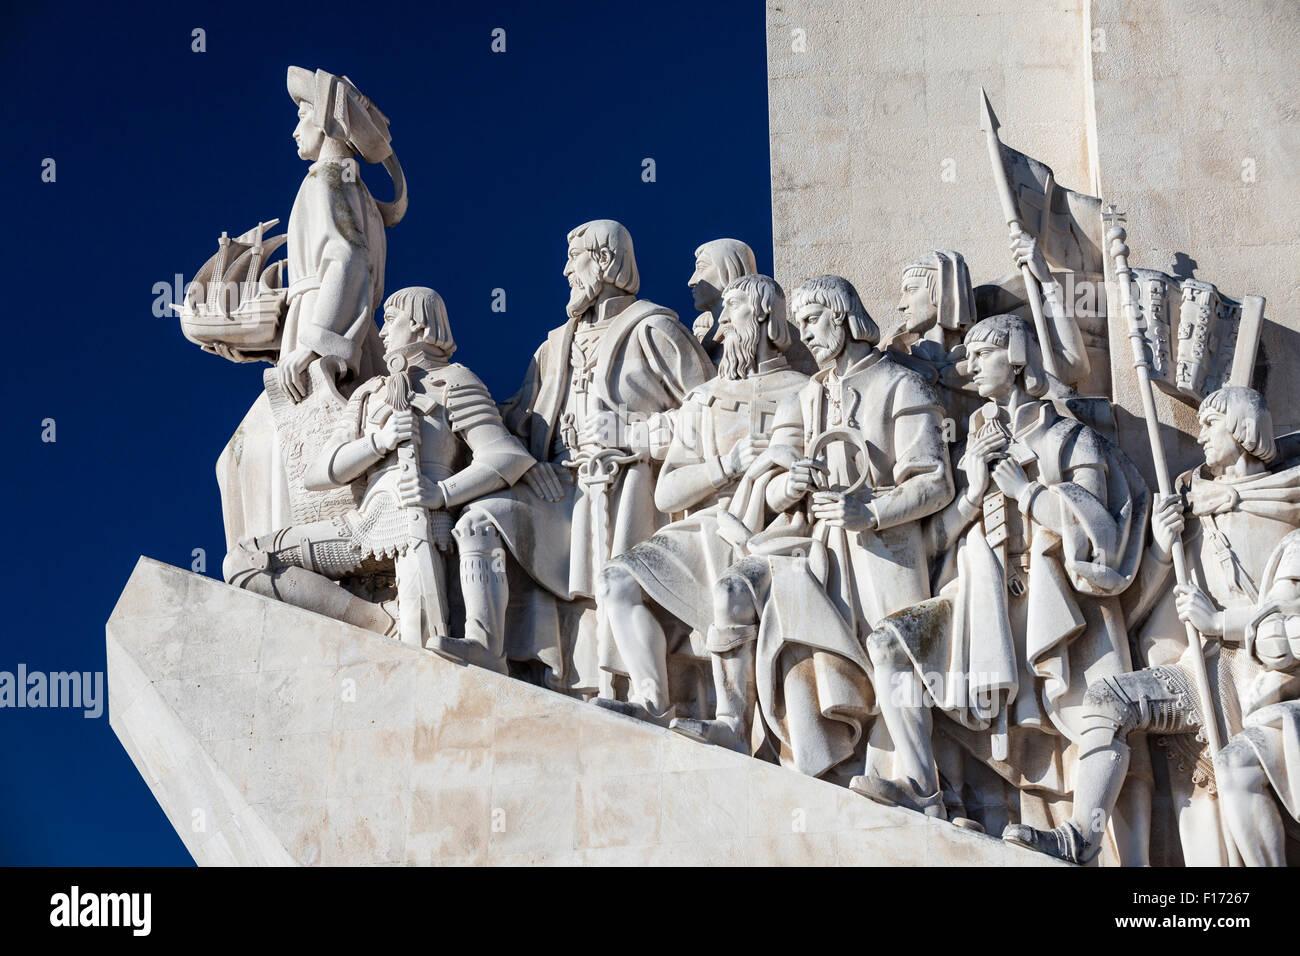 Dettaglio del monumento alle scoperte lungo il fiume Tago nella sezione di Belem di Lisbona, Portogallo. Immagini Stock